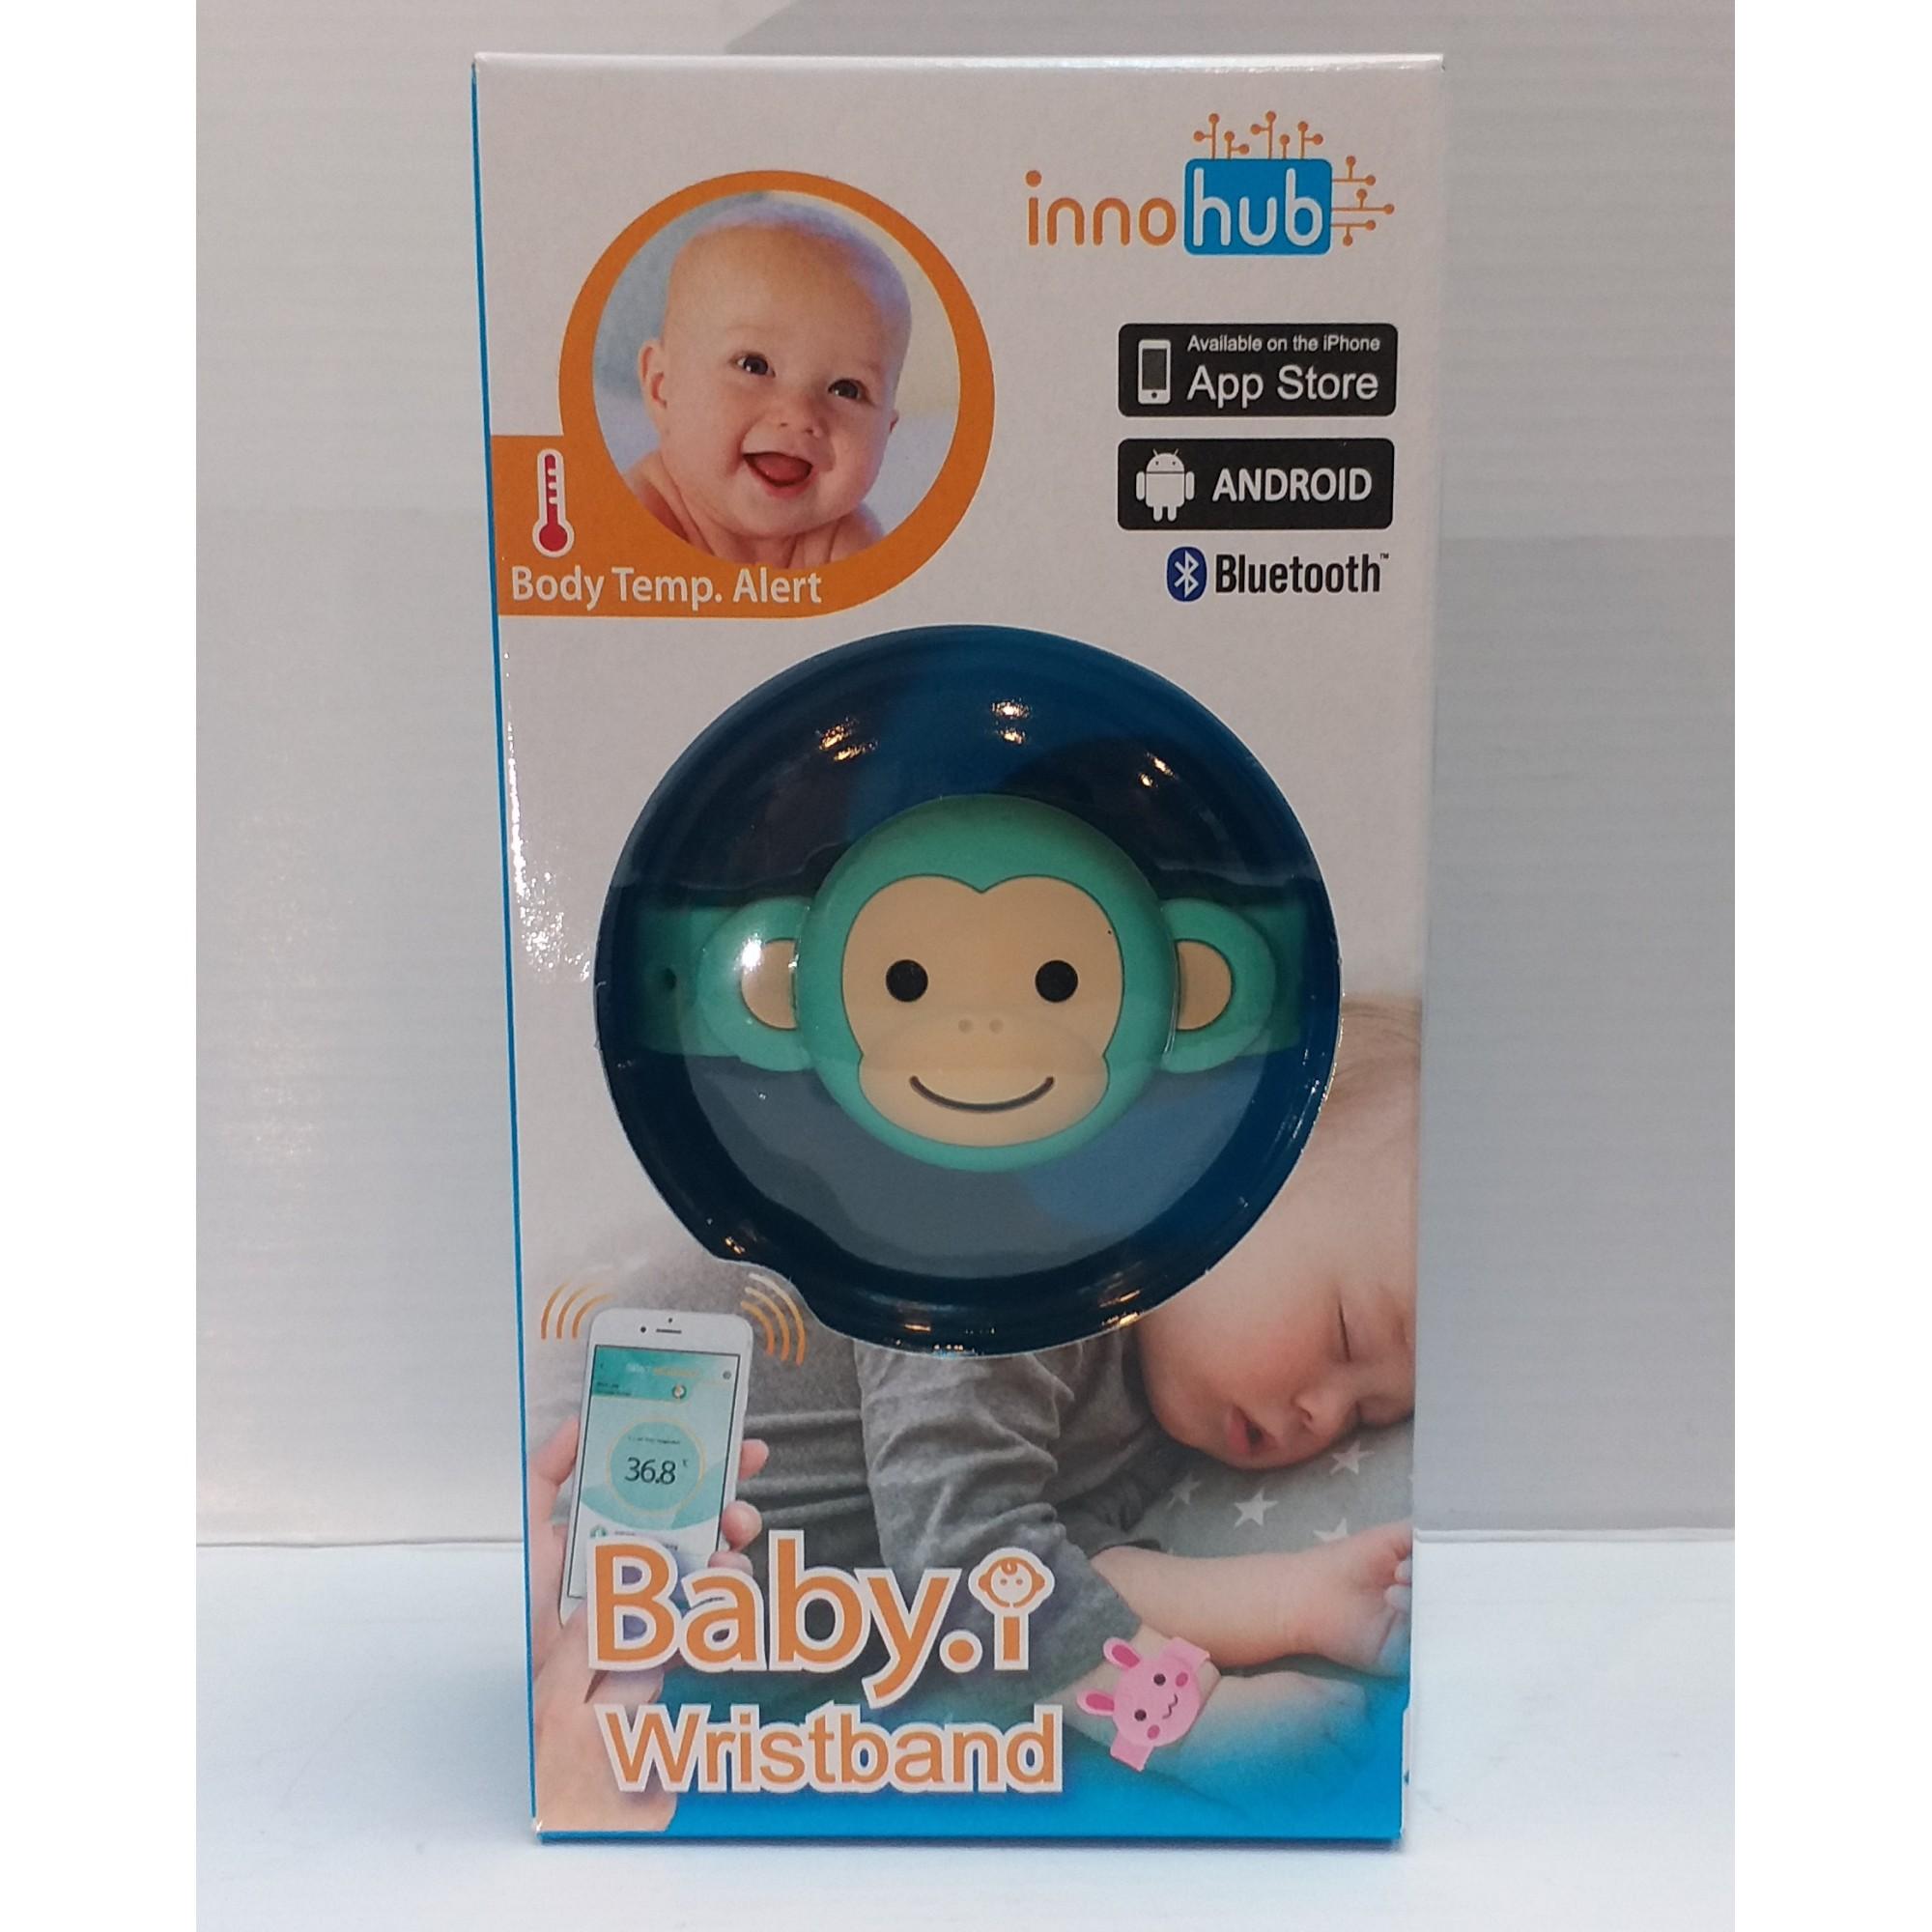 Baby Whistband (Monkey)